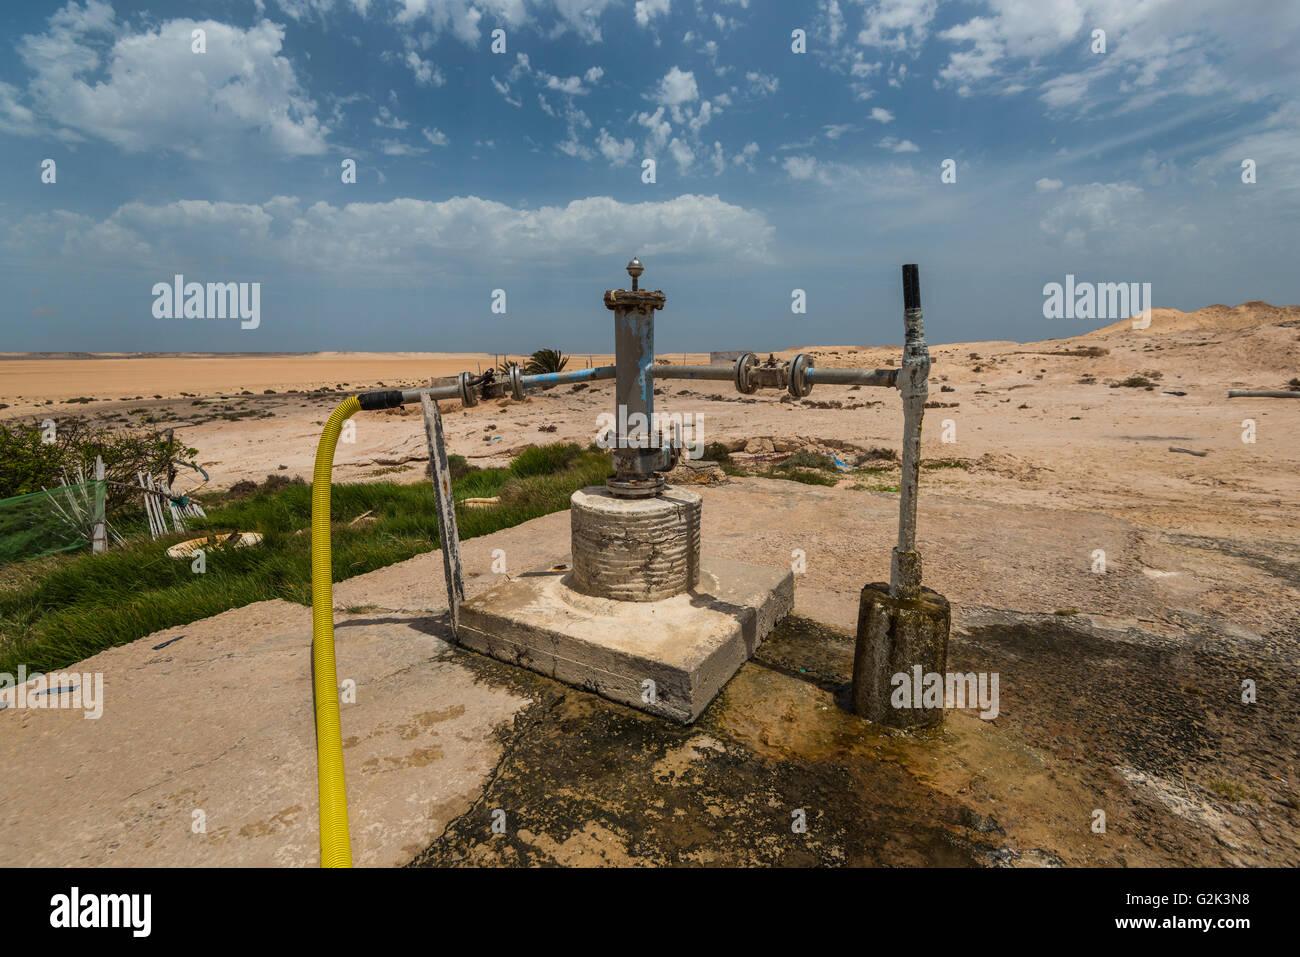 Wasser gut in Sandwüste mit blauen Wolkenhimmel Stockbild